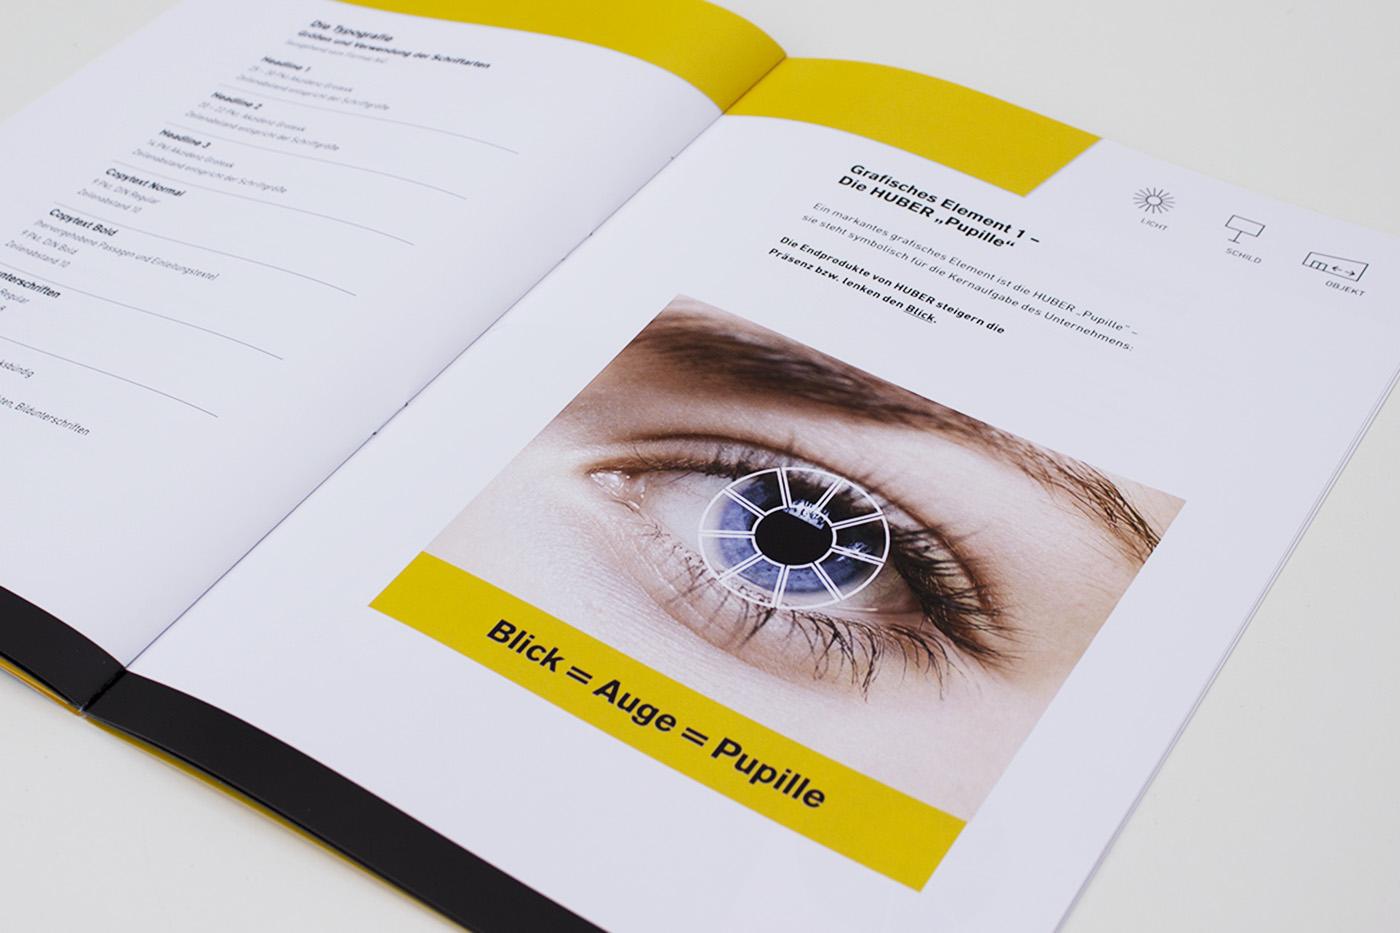 huber-reklametechnik-cd-manual-ergebnisse5.jpg